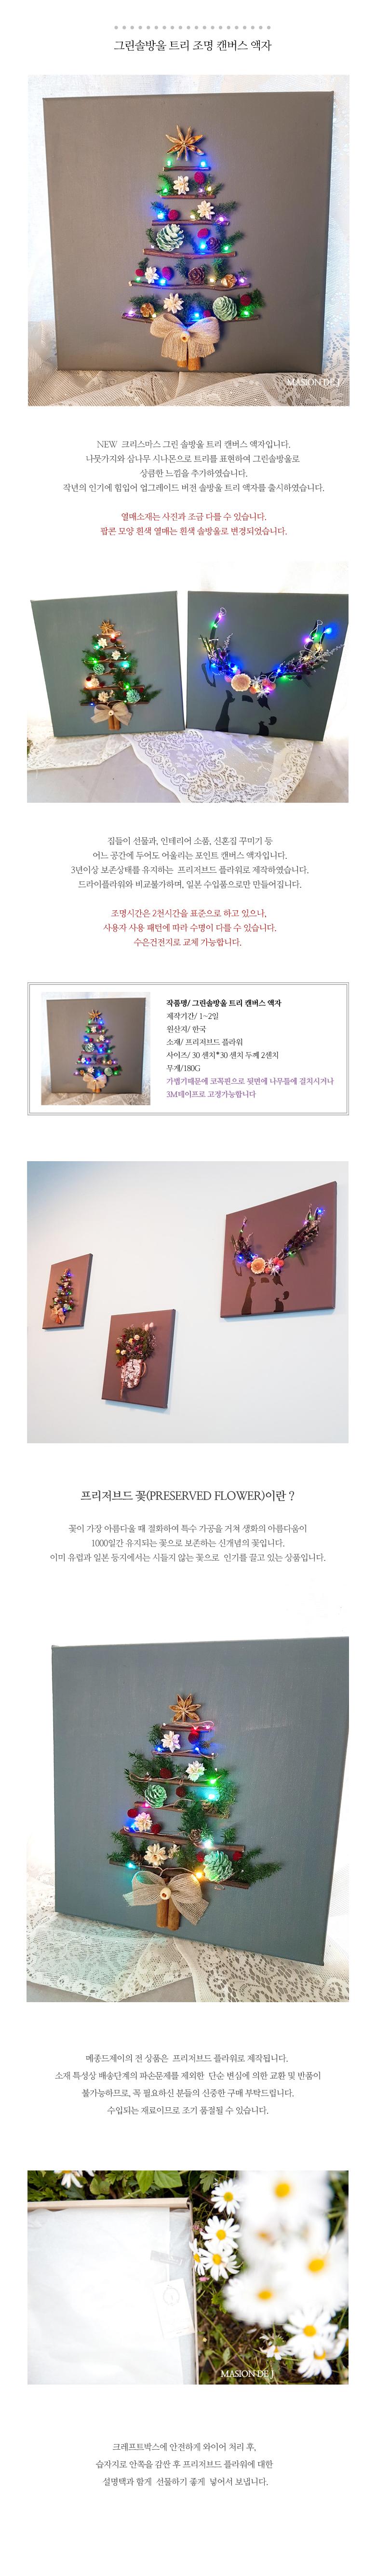 그린솔방울 트리 조명 캔버스 액자47,000원-메종드제이인테리어, 액자/홈갤러리, 홈갤러리, 크리스마스아트바보사랑그린솔방울 트리 조명 캔버스 액자47,000원-메종드제이인테리어, 액자/홈갤러리, 홈갤러리, 크리스마스아트바보사랑